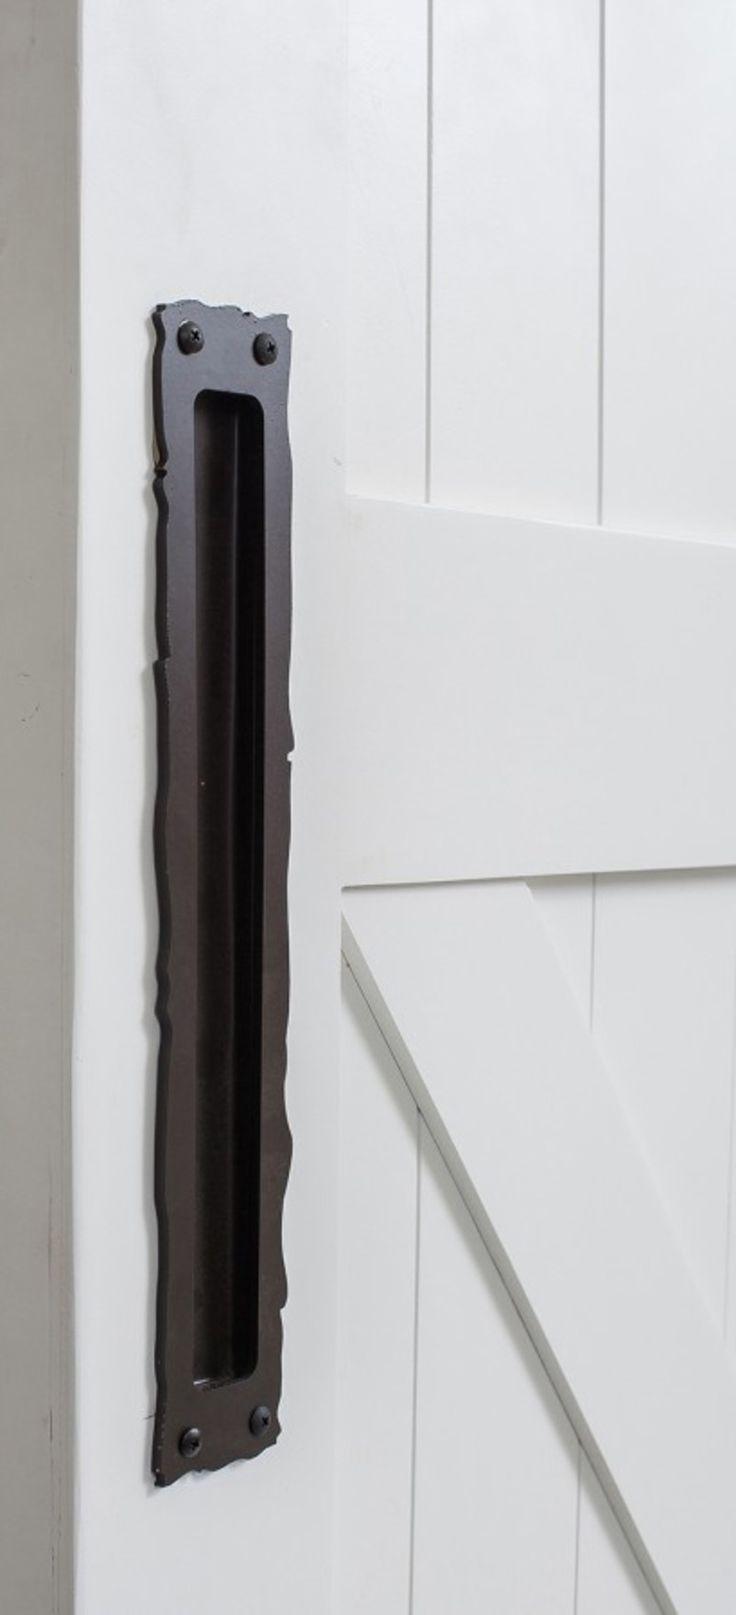 54 best Home Decor images on Pinterest | Door knobs, Door ...